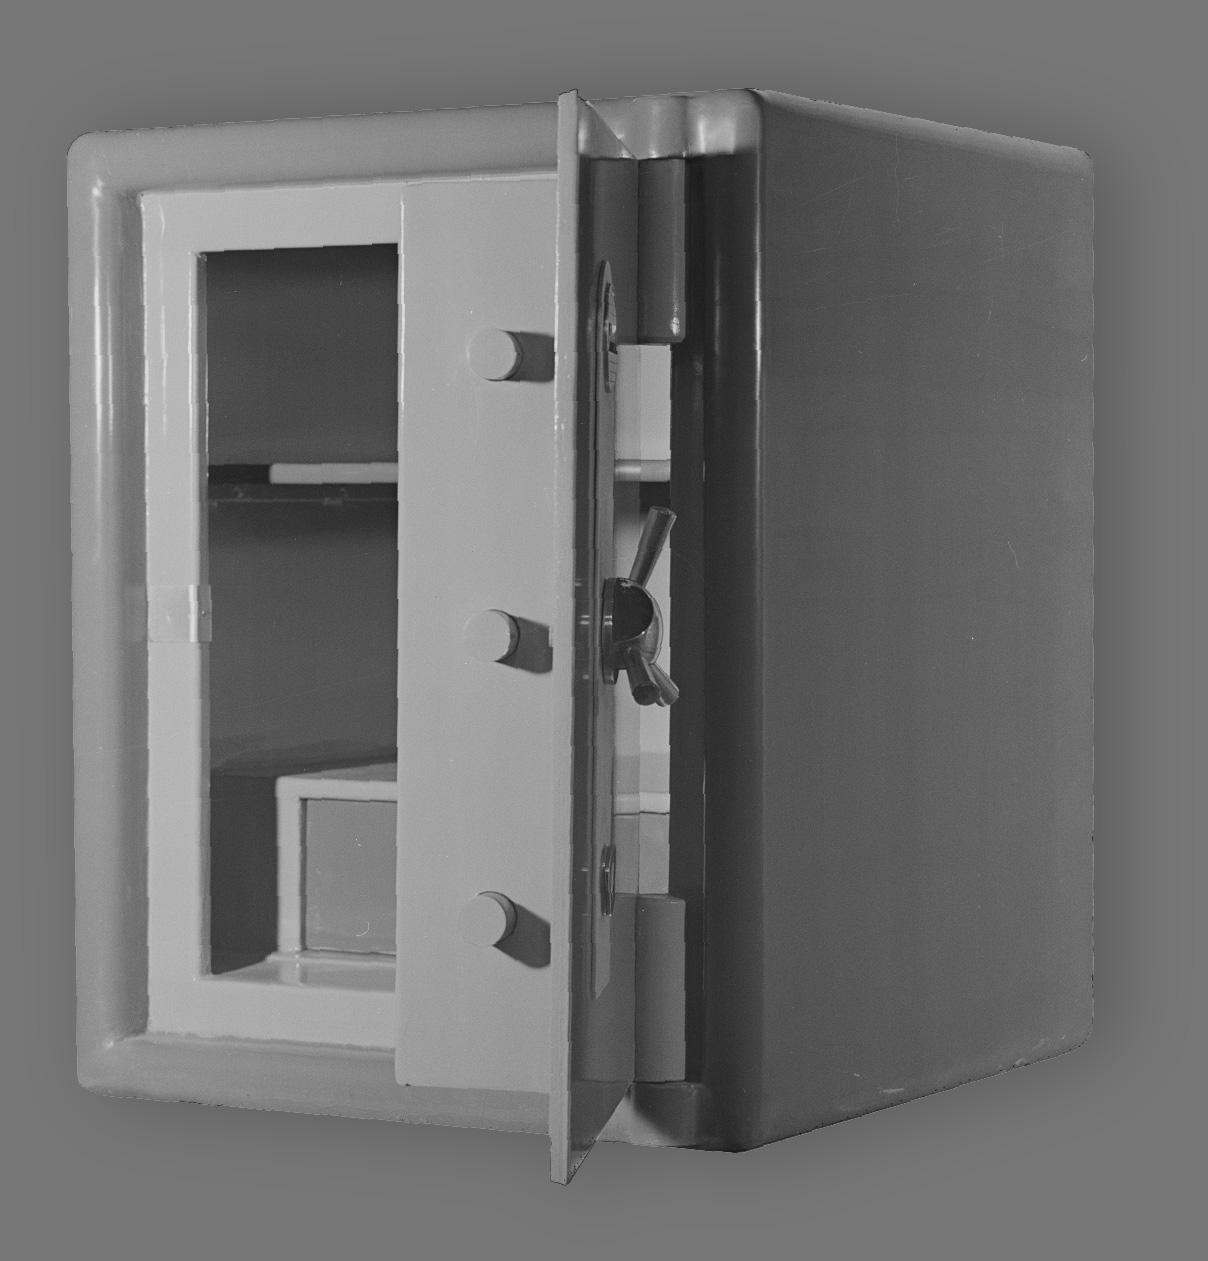 Safest safes